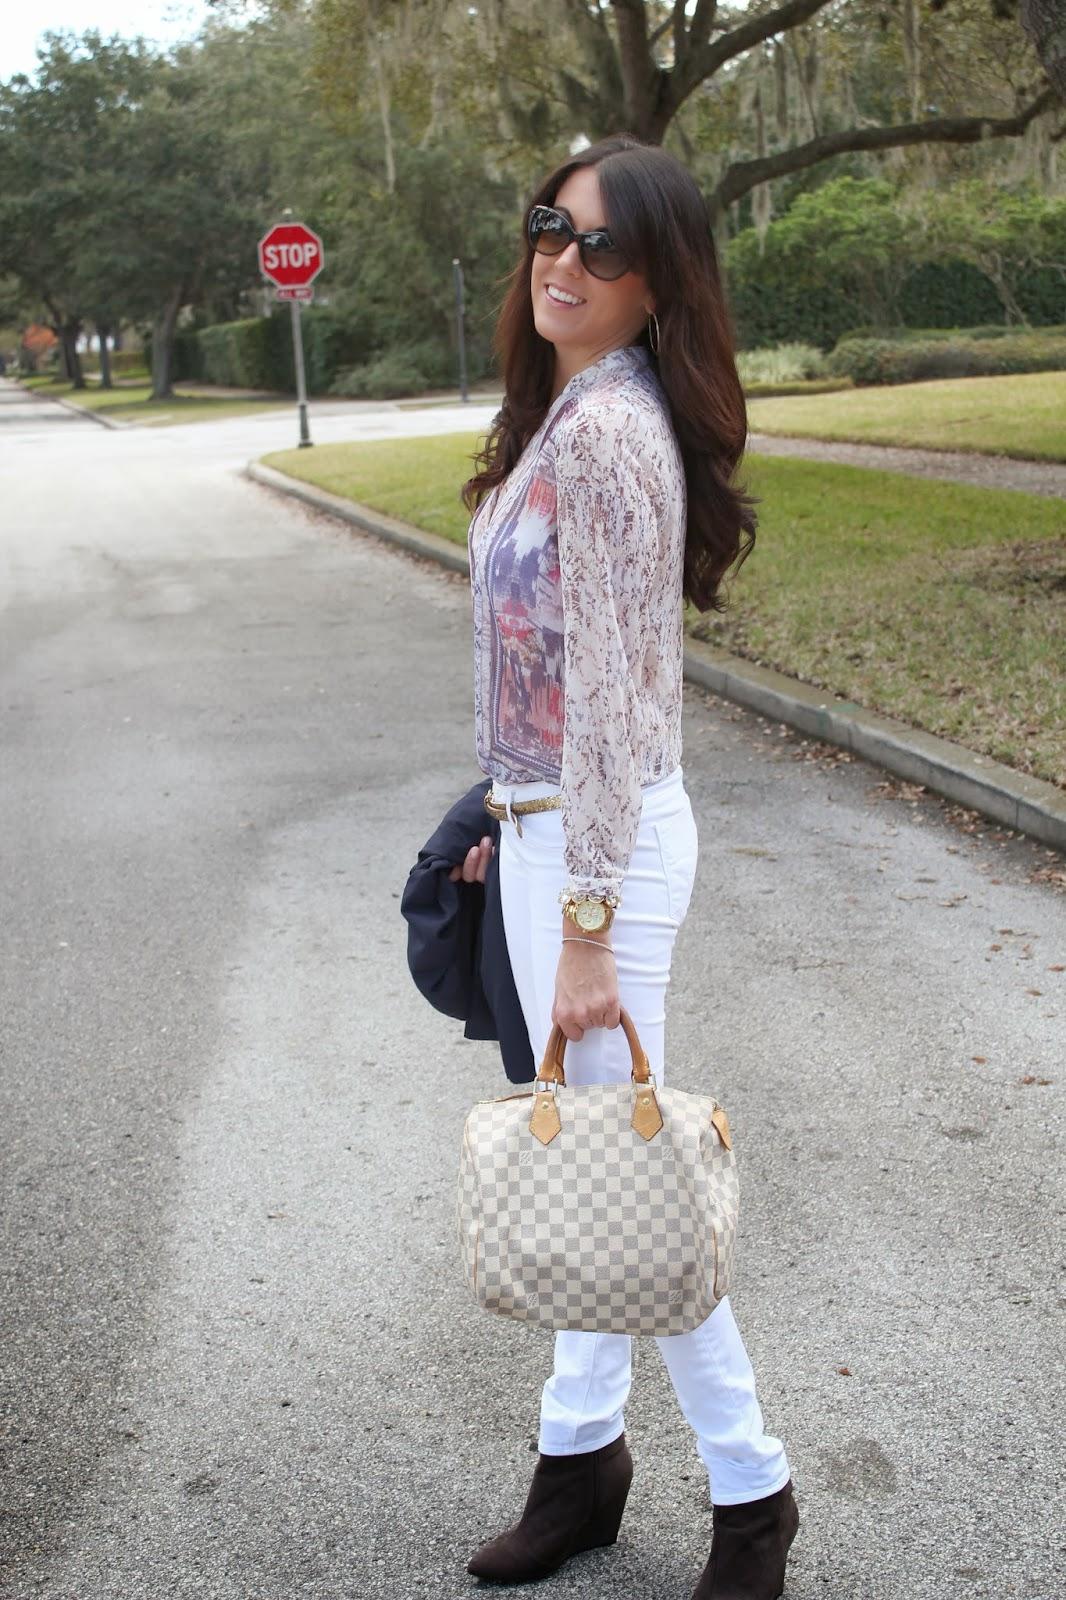 H&M Looks